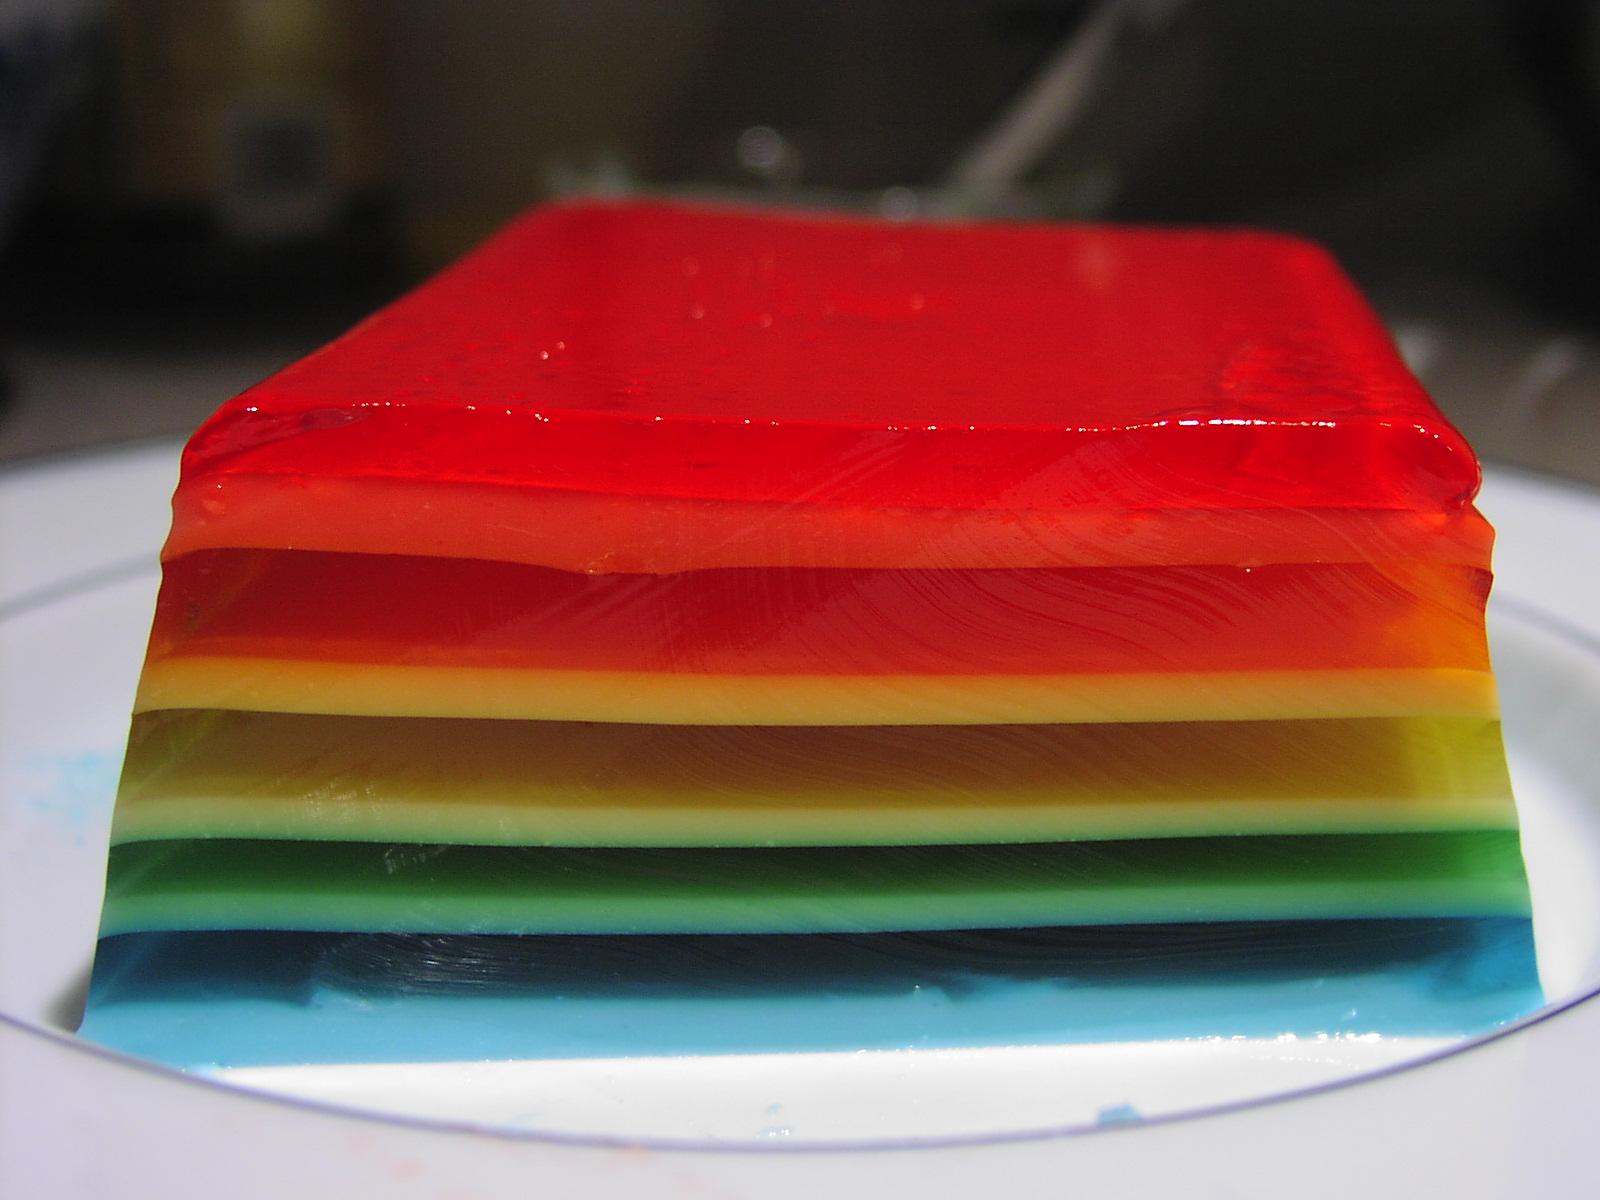 Gelatin dessert - Wikipedia